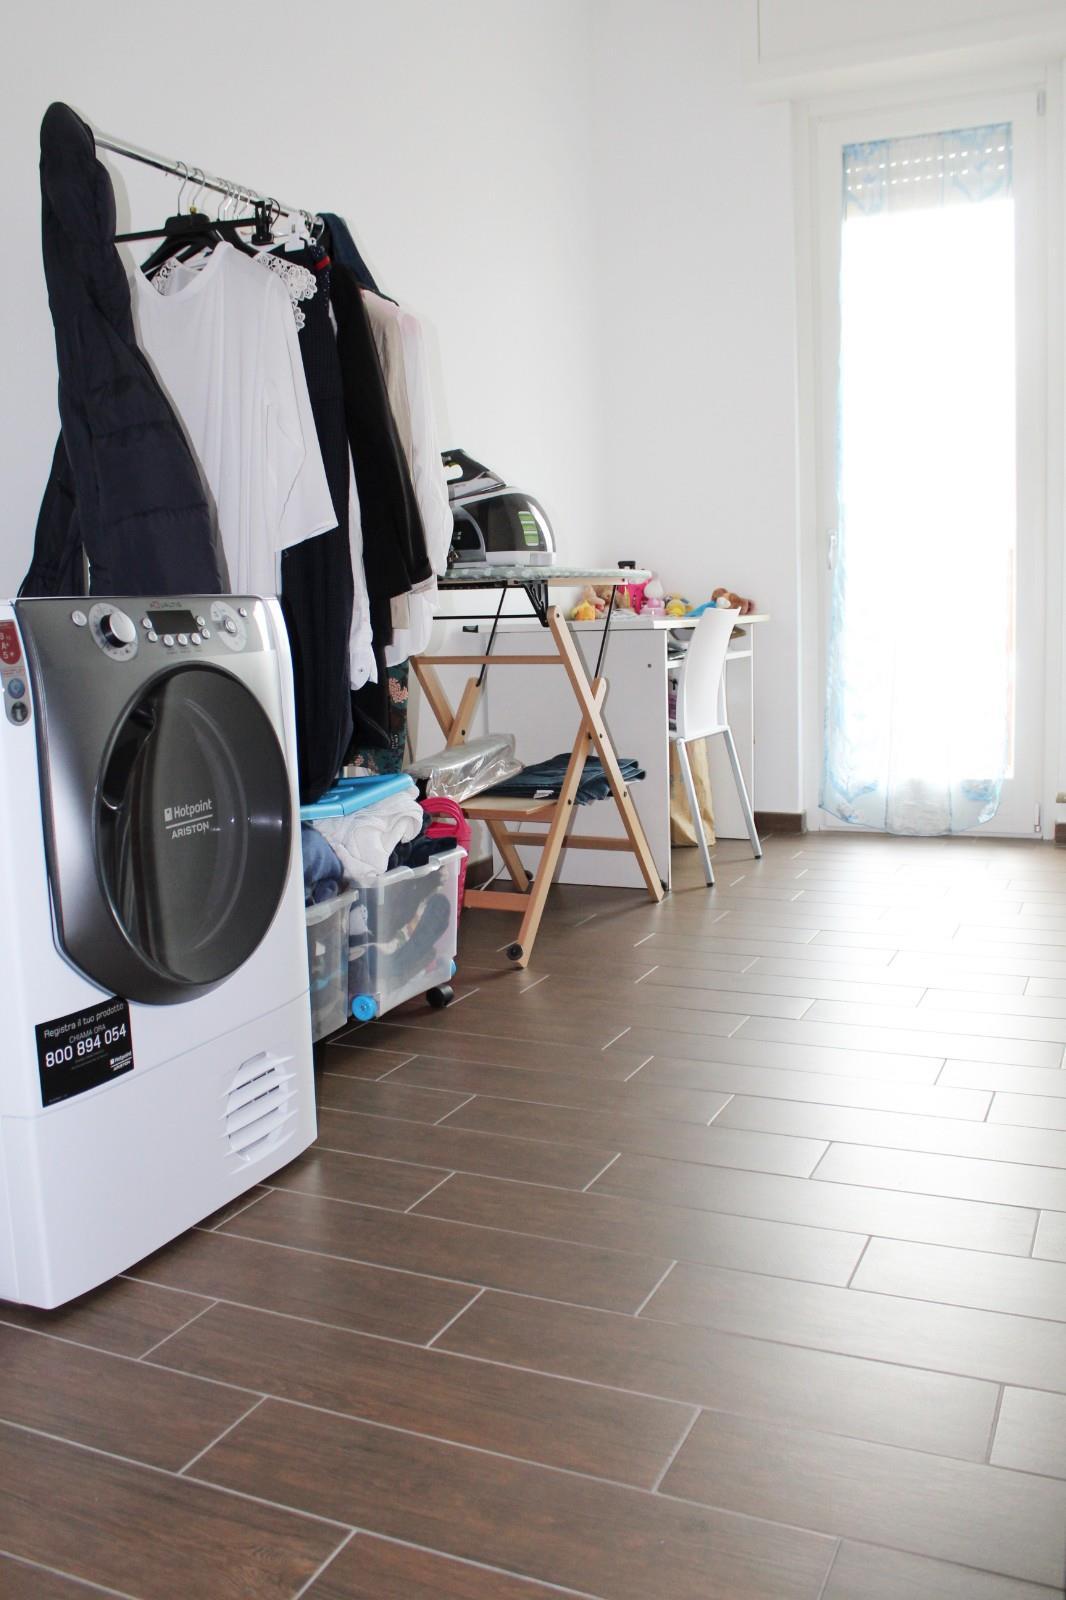 Foto 10 - Appartamento in Vendita - Carate Brianza (Monza e Brianza)